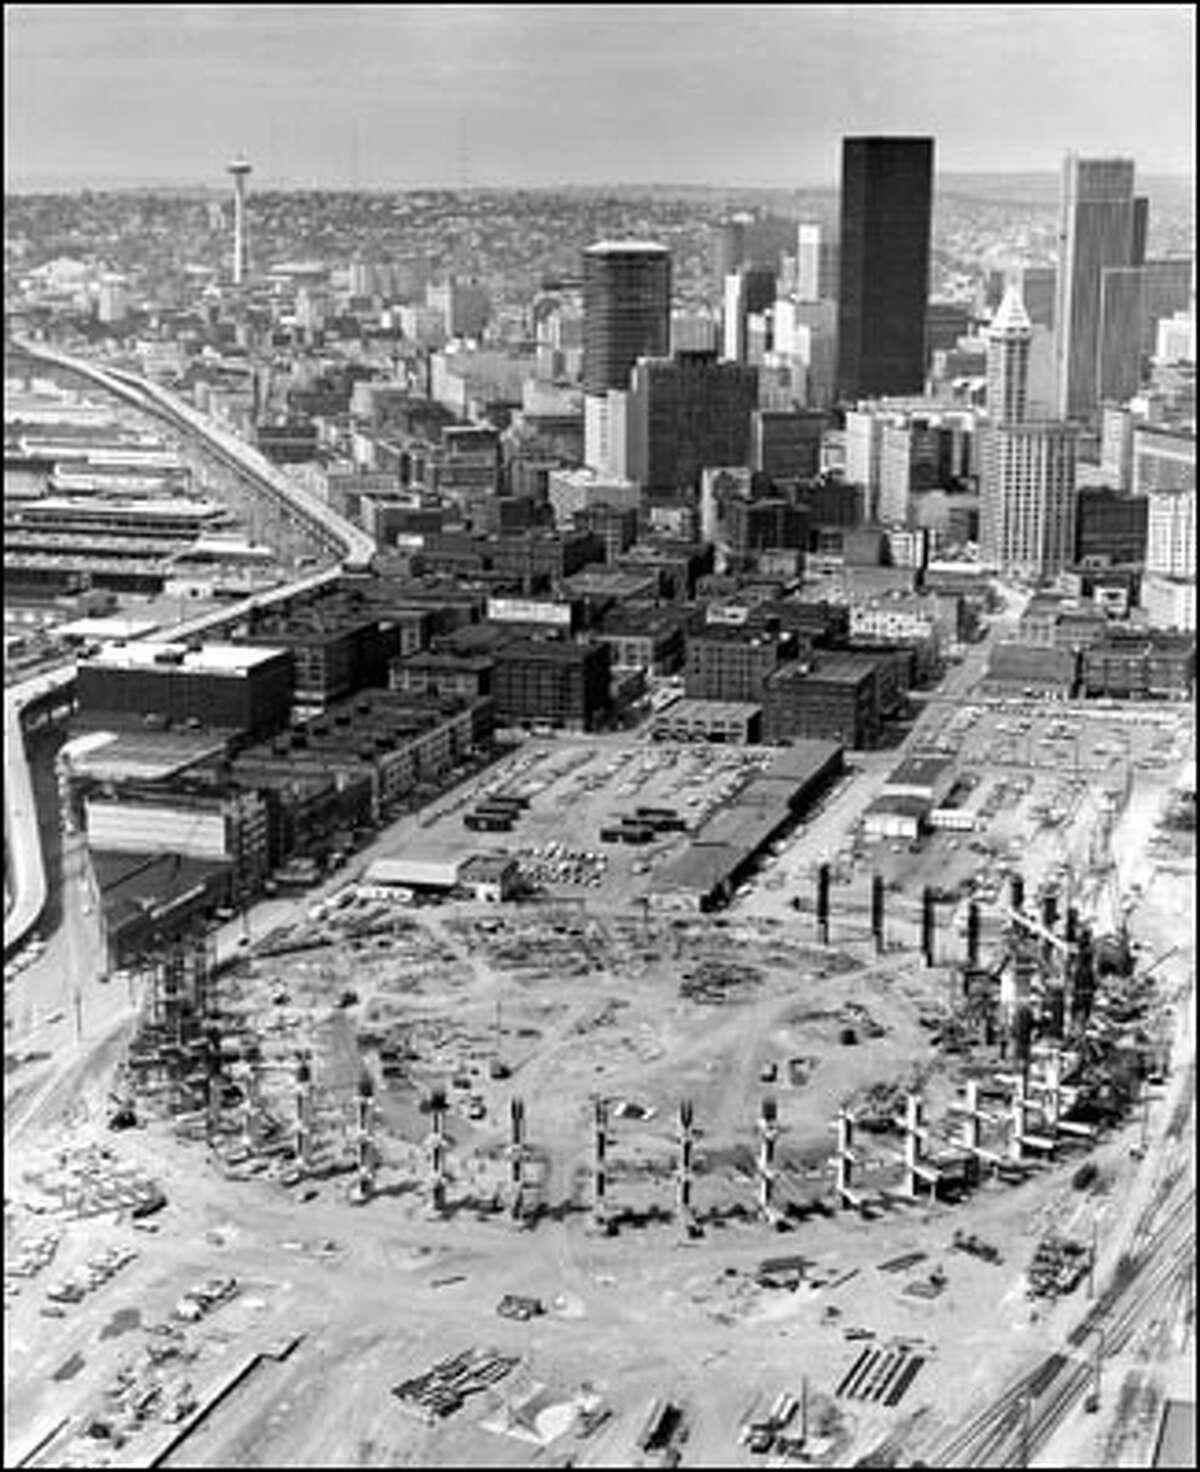 July 9, 1973: